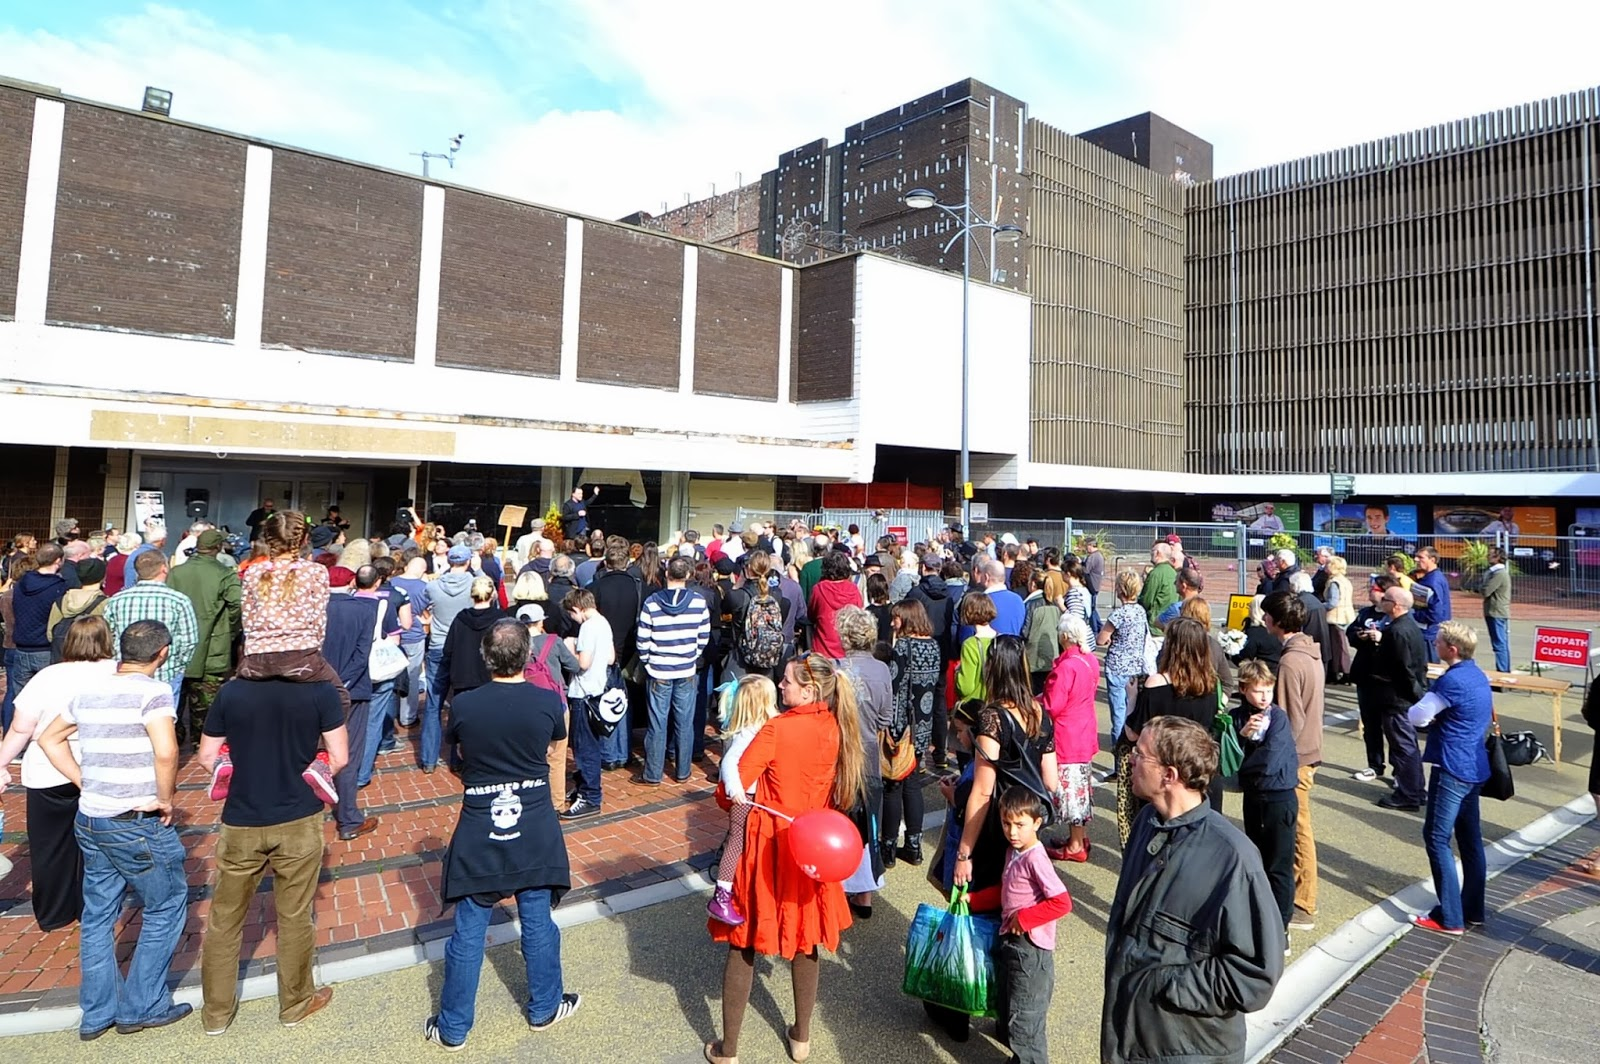 Yr aflonyddwch mawr vibrant demonstration against for Chartist mural newport